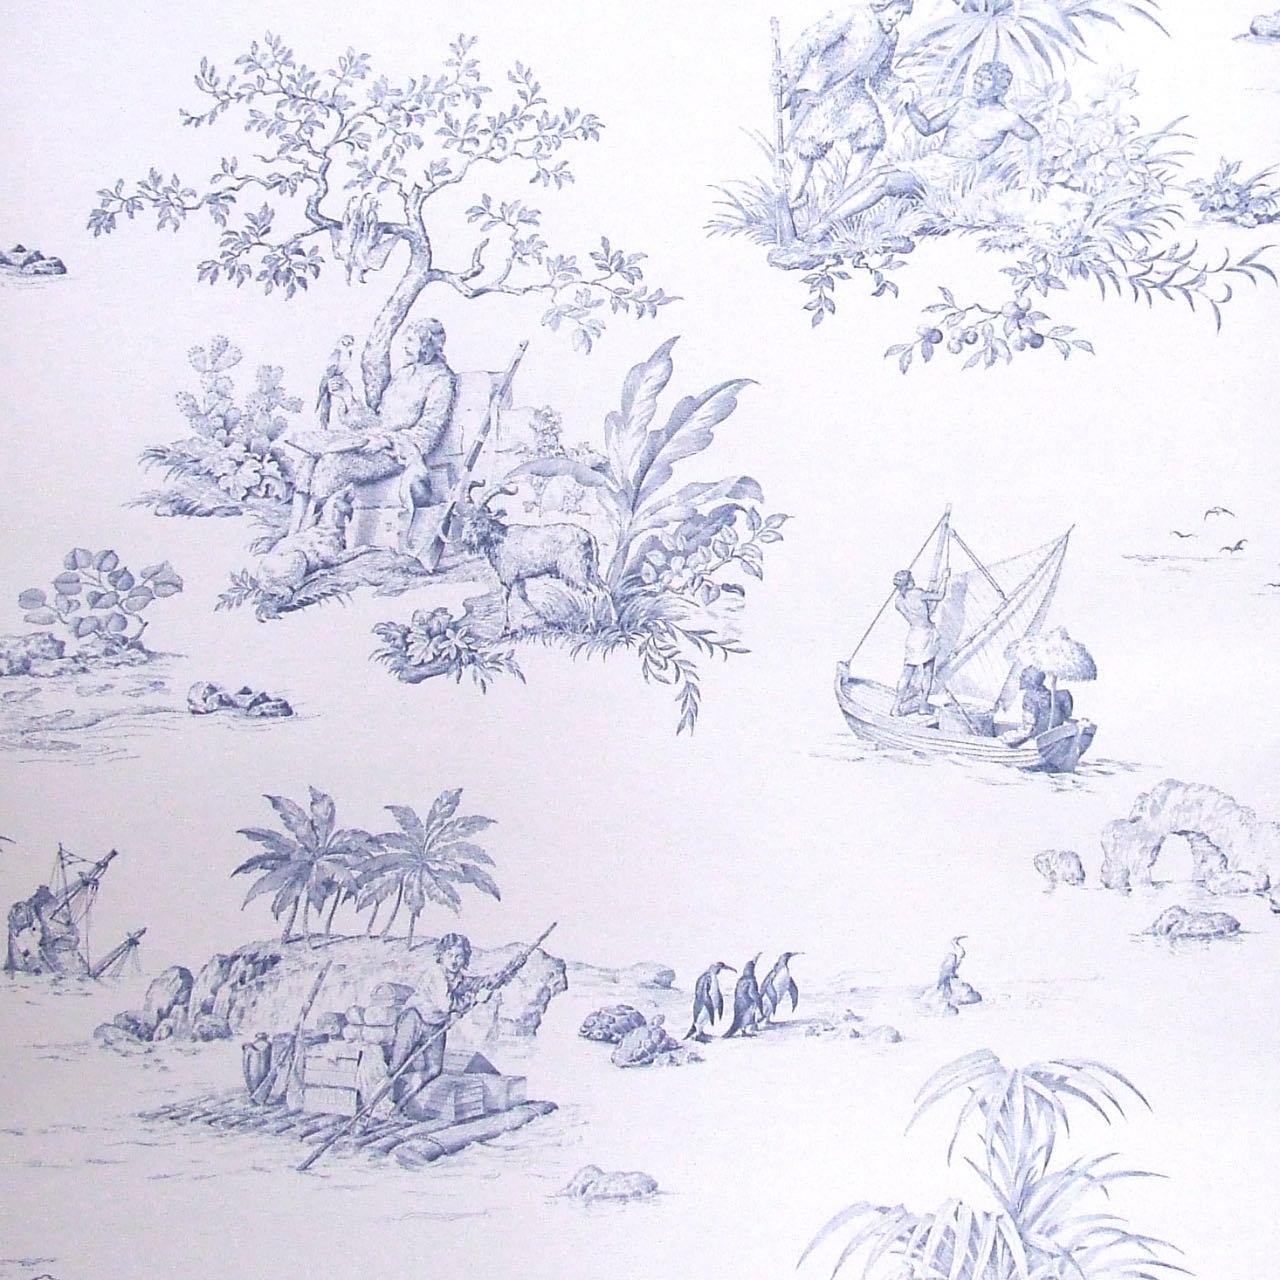 フランス壁紙 1ロール(10m) トワル・ド・ジュイ デザイン 《ロビンソン・クルーソー》 ブルー by Charles Burger (シャールブルジェ)